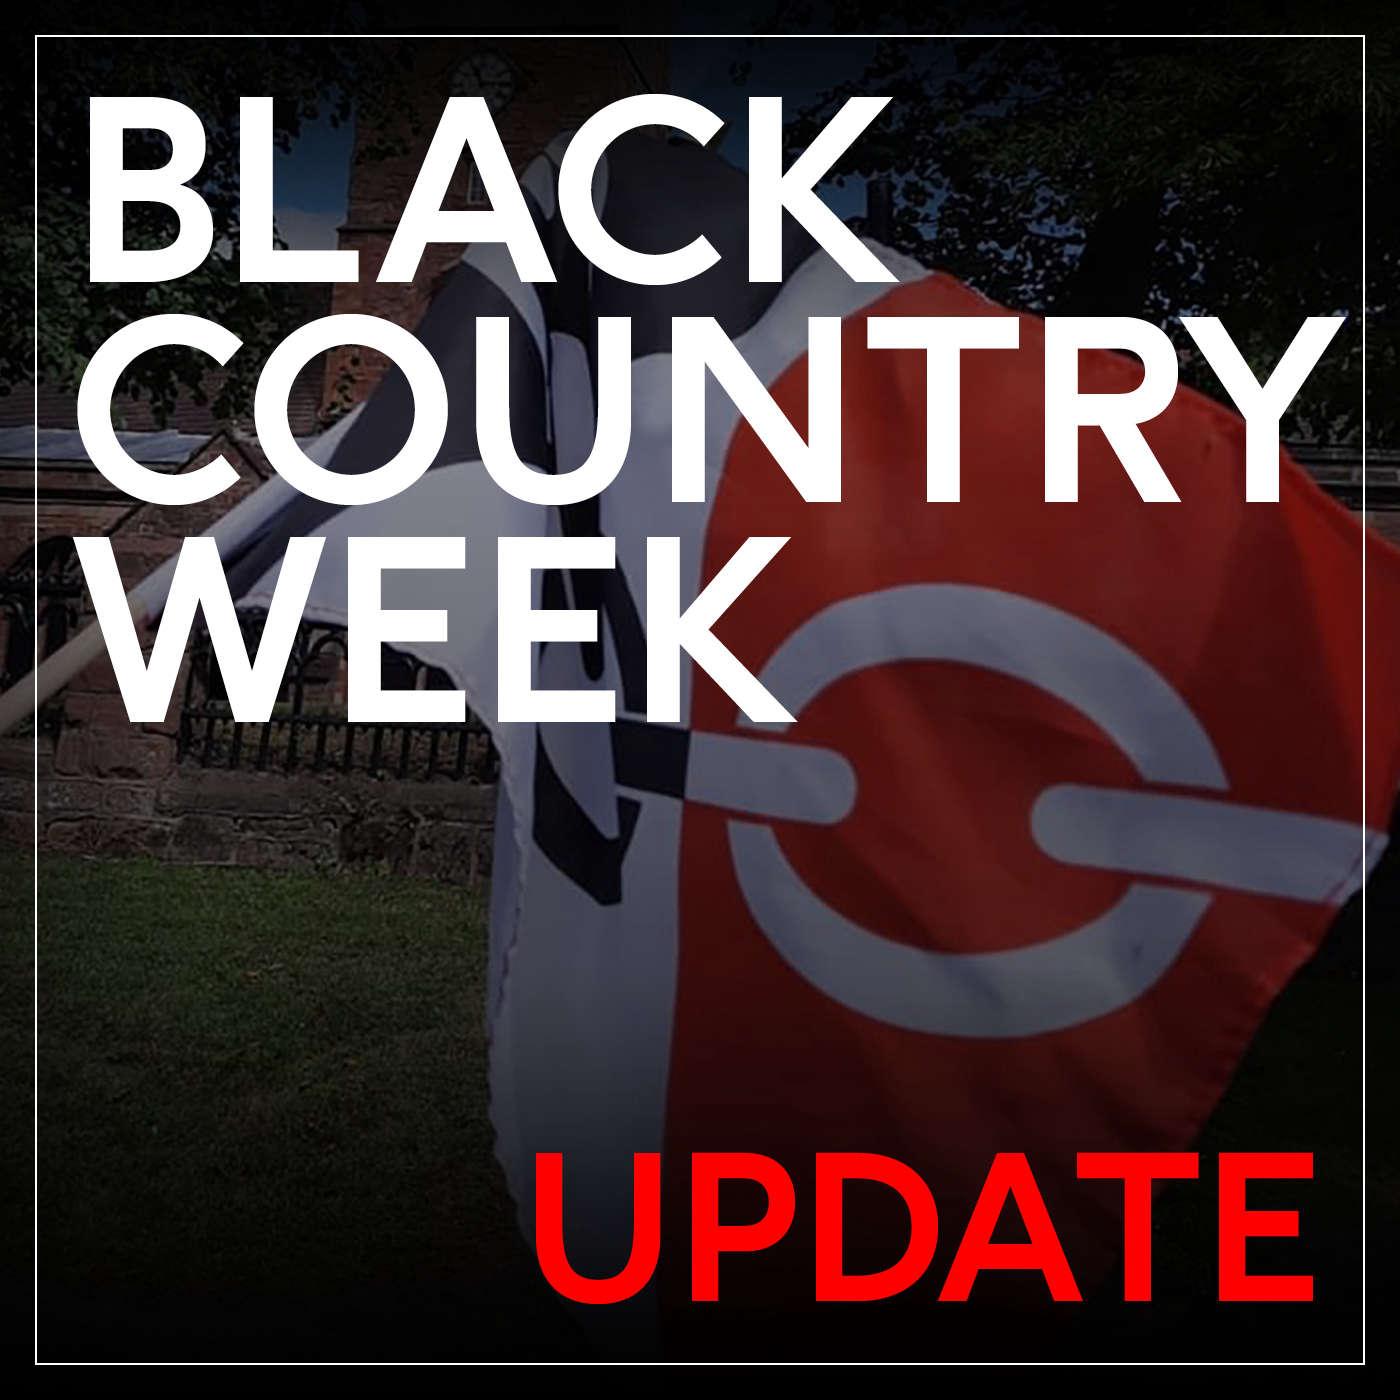 Black Country Week